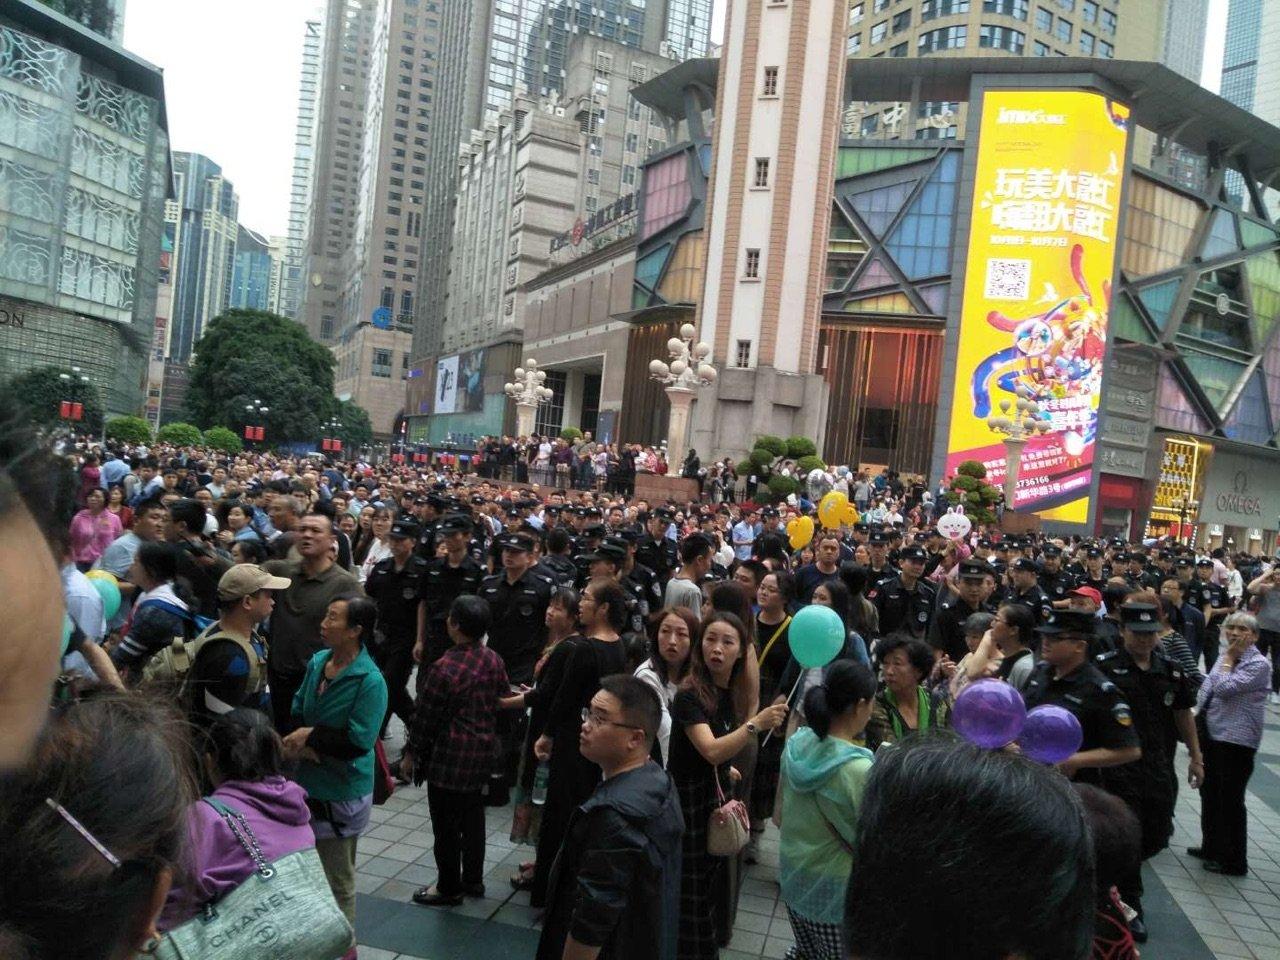 10月1日,大陸17個城市的P2P難友同步上街維權,各地警方如驚弓之鳥。圖為重慶現場。(受訪者提供)